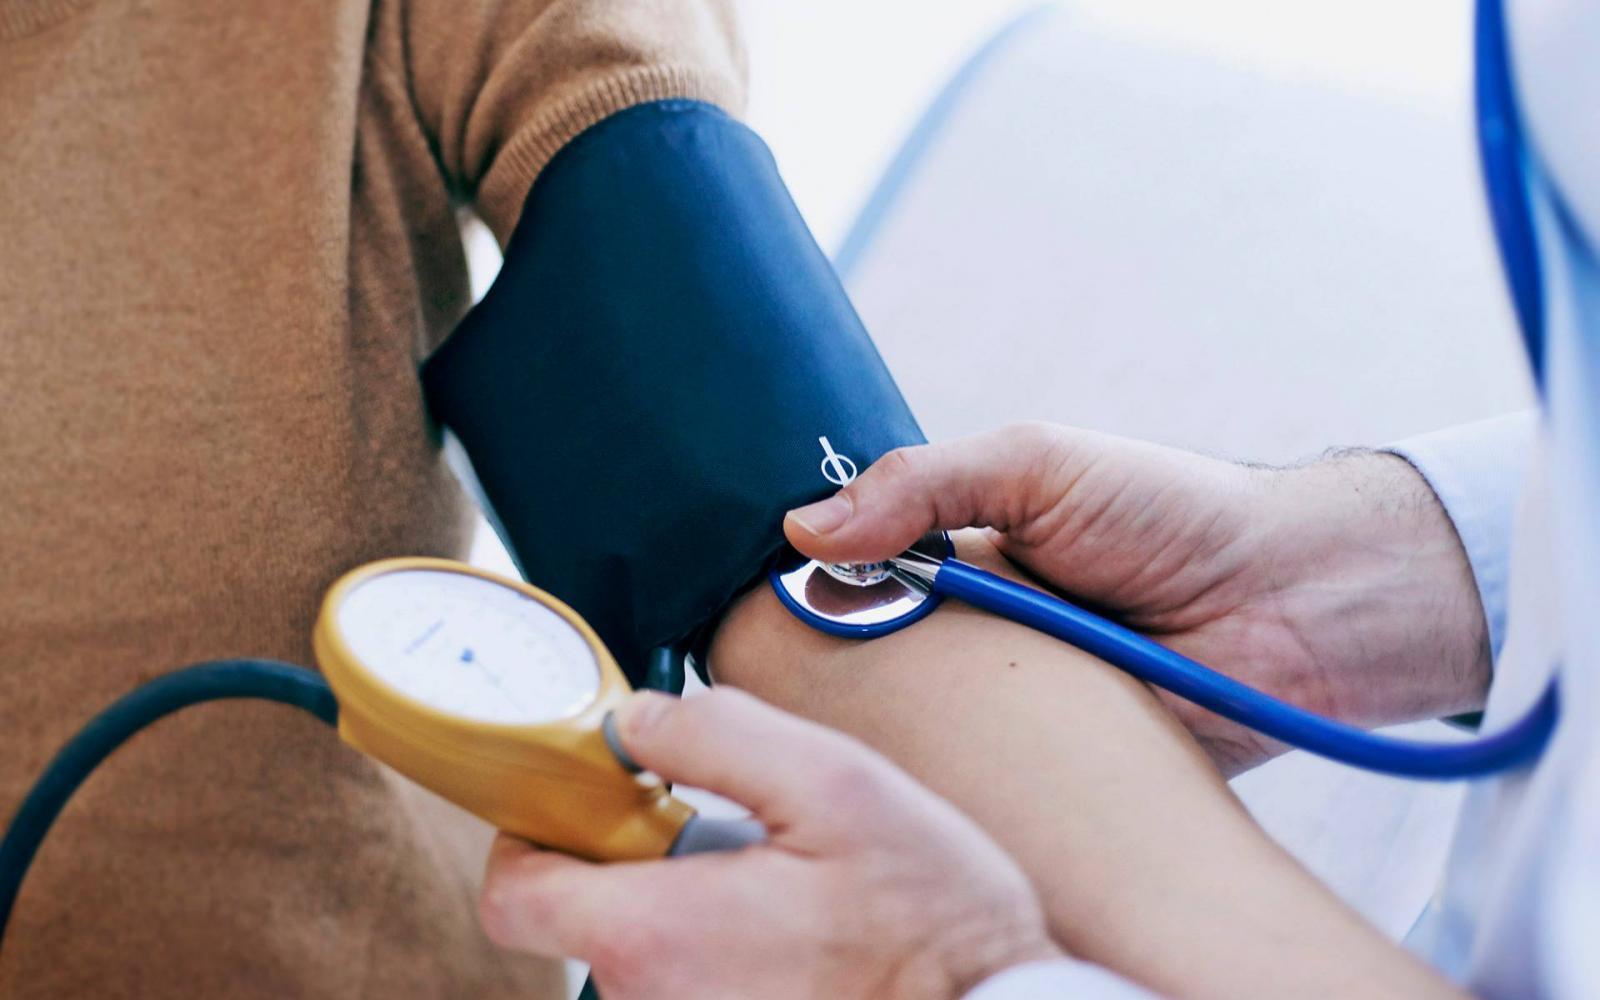 magas vérnyomás miatt regisztrálták utazás magas vérnyomásban vonattal